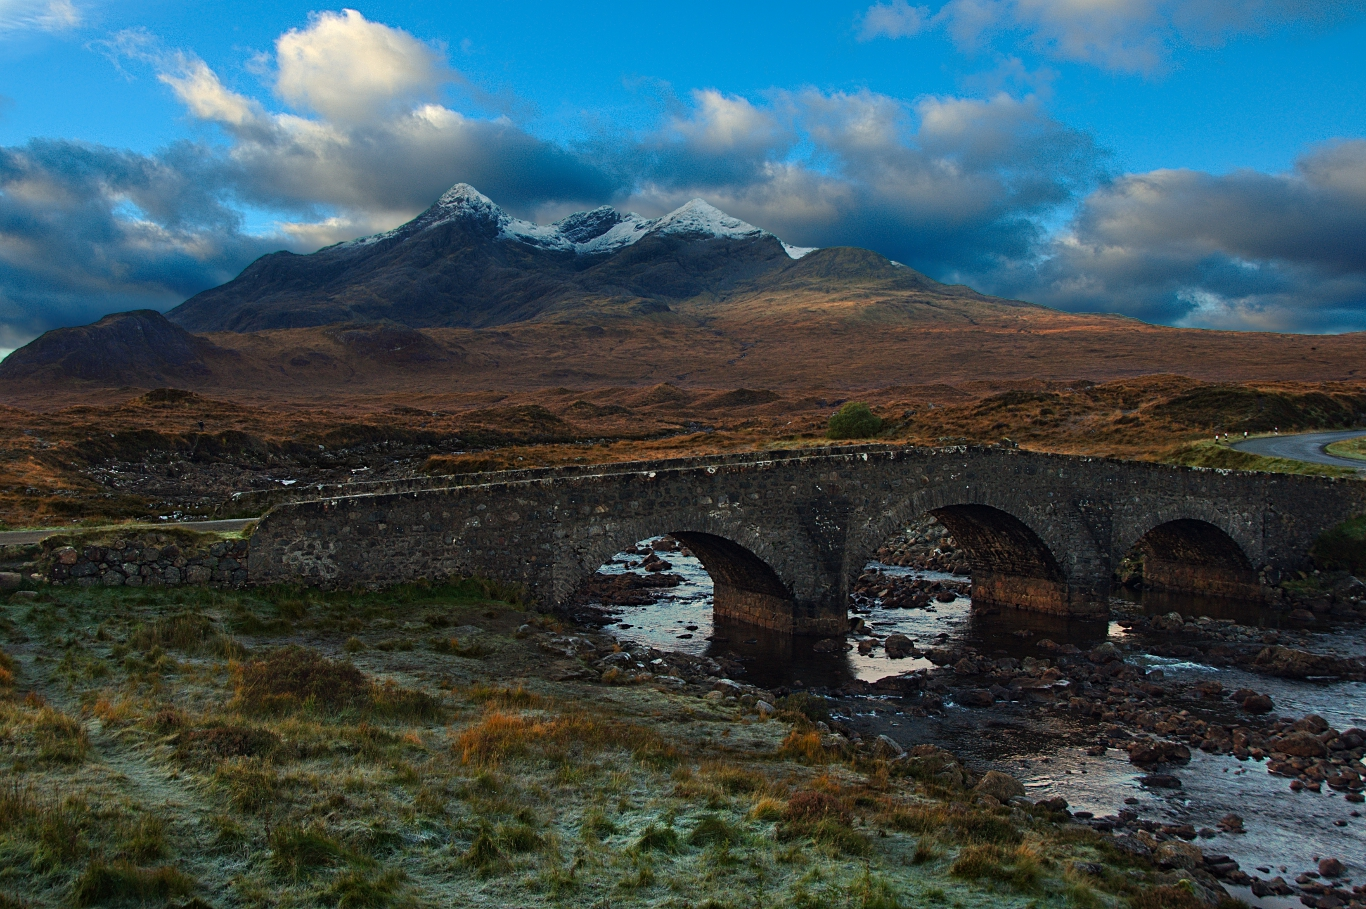 Sligachan Bridge, Isle of Skye by younghappy